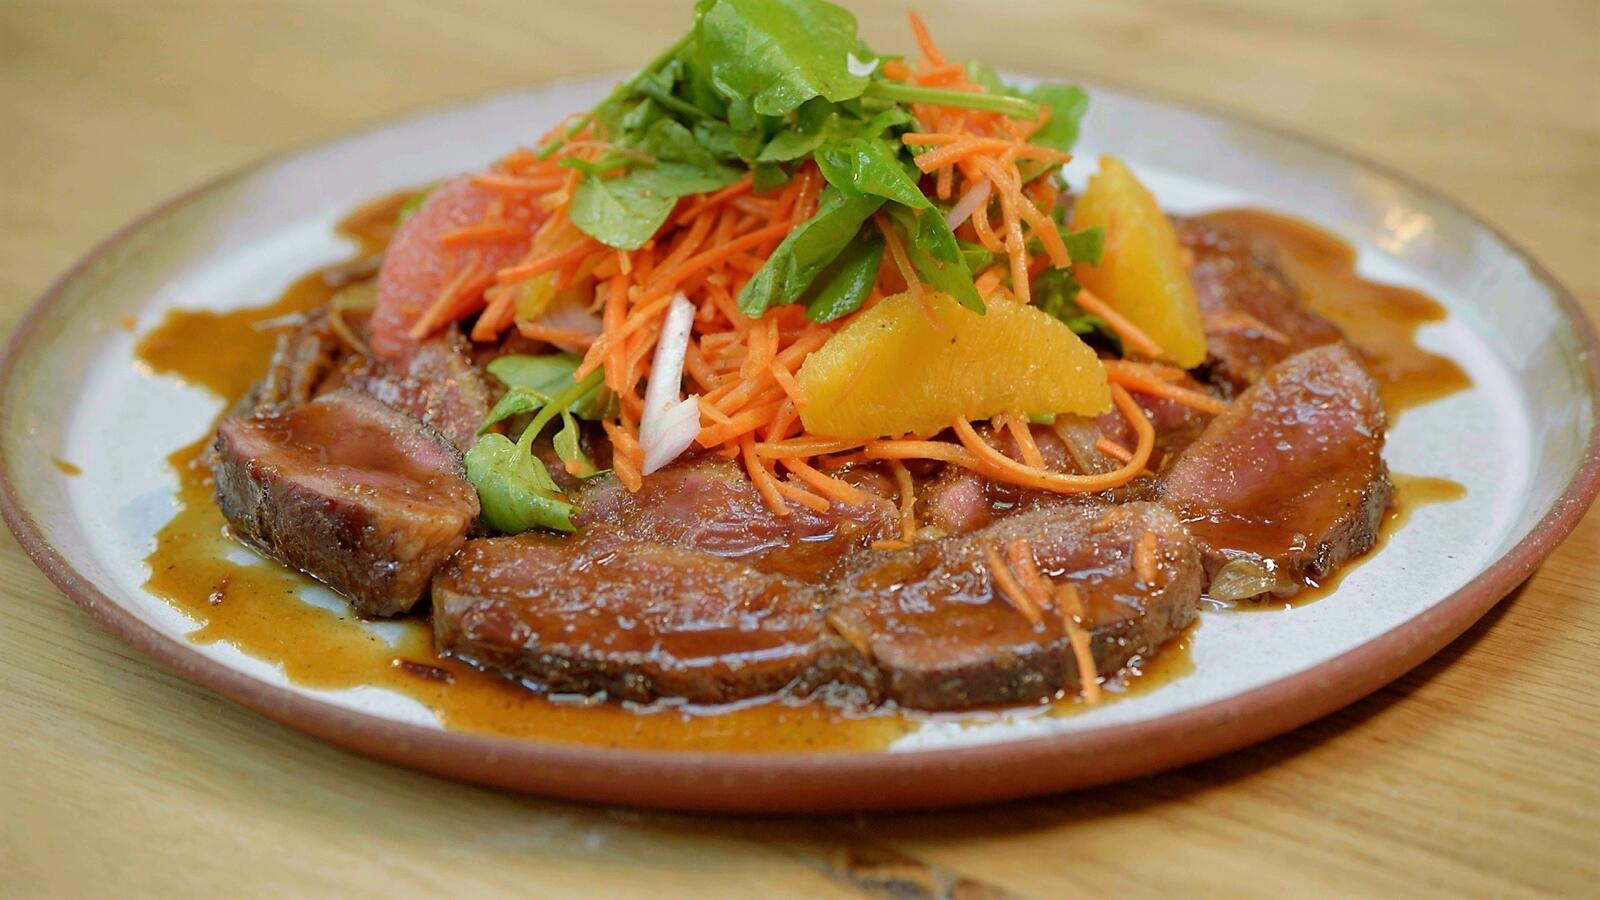 Salade van eend met wortel en citrus